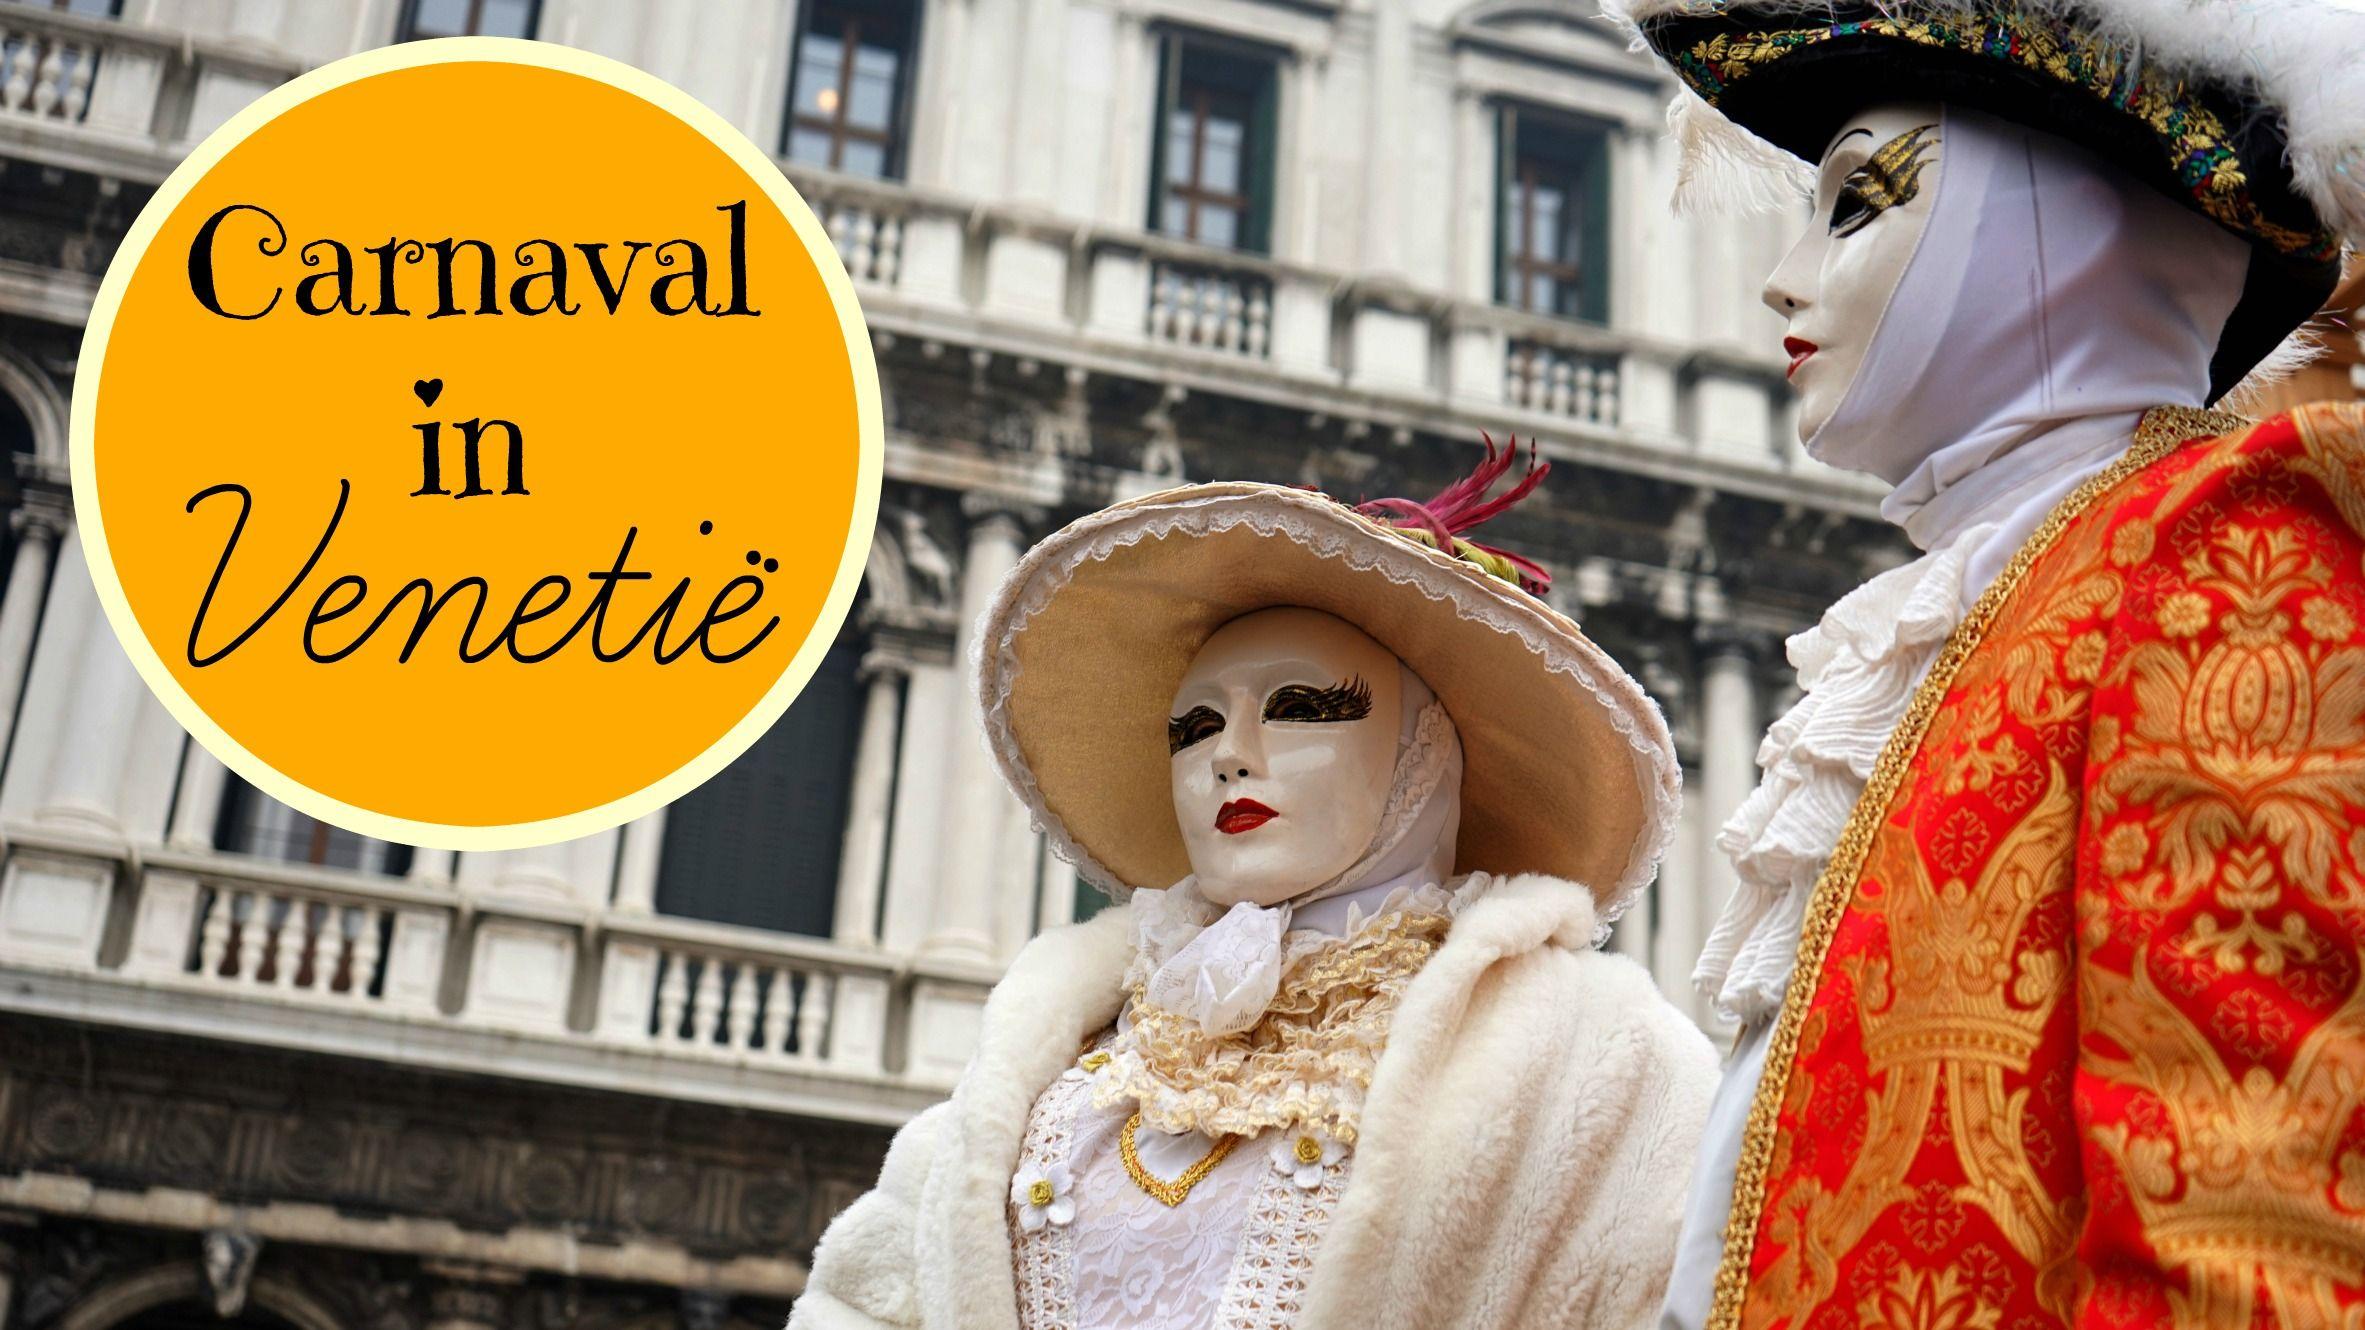 Het carnaval in Venetië spreekt tot de verbeelding. Bekijk snel meer foto's op de blog!